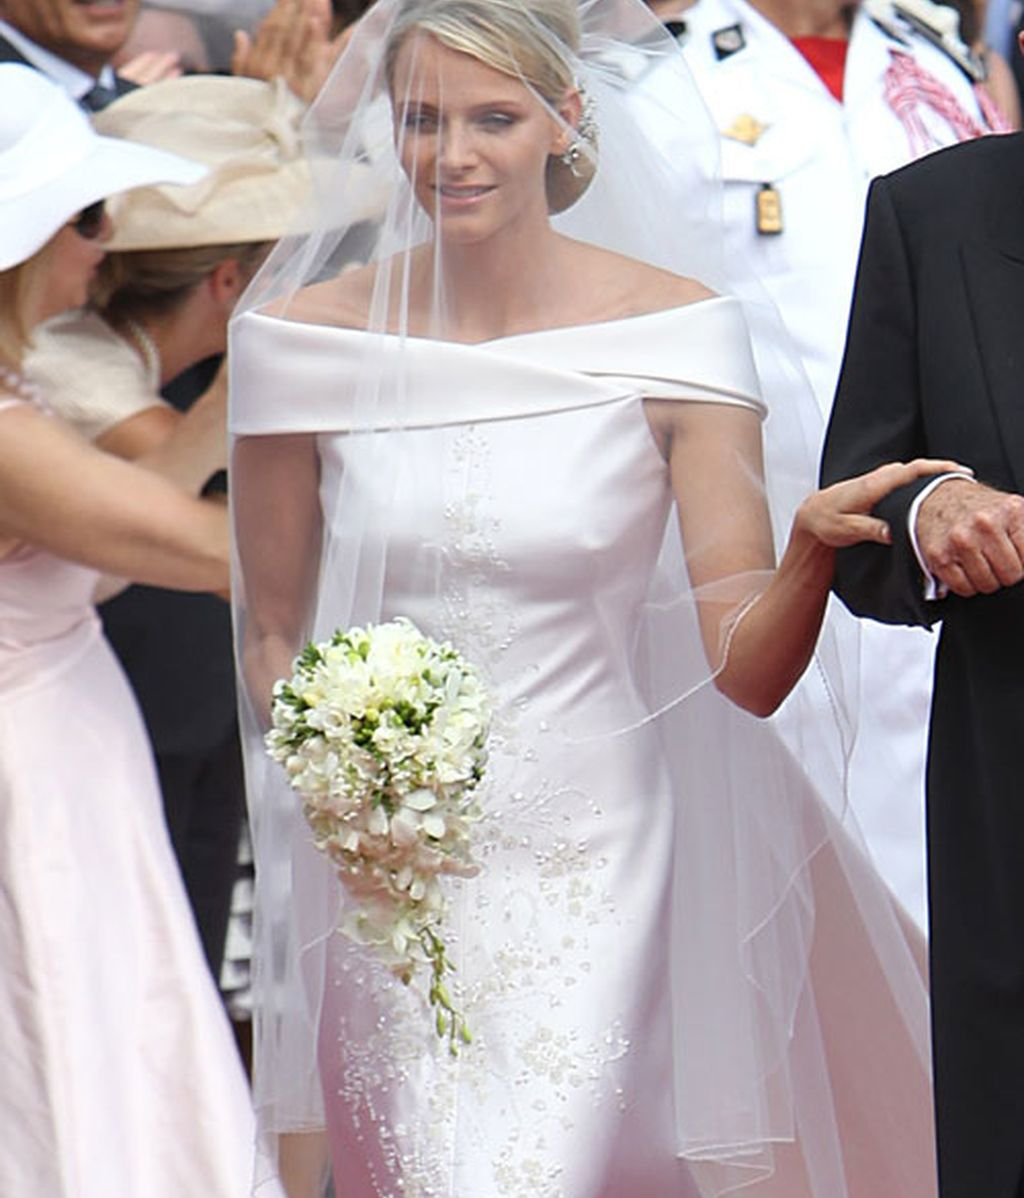 Charlene, la novia sobria y retraída